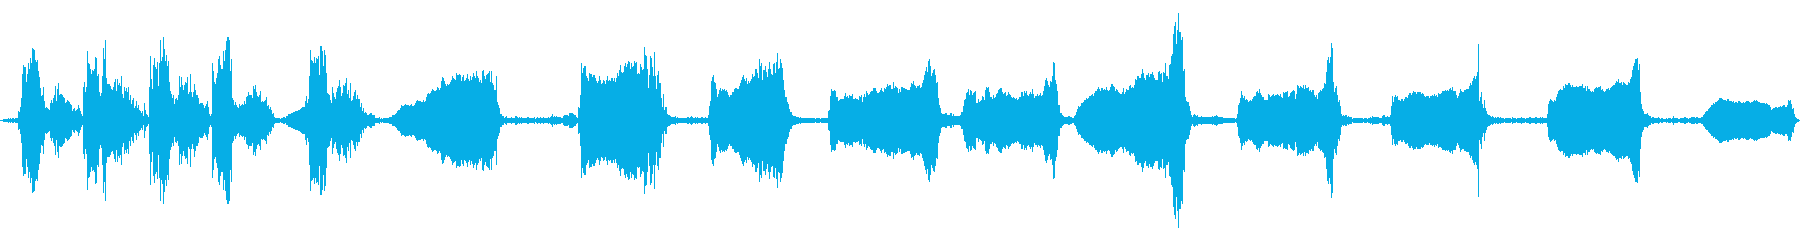 インコラル、チェーンムーブメント、...の再生済みの波形